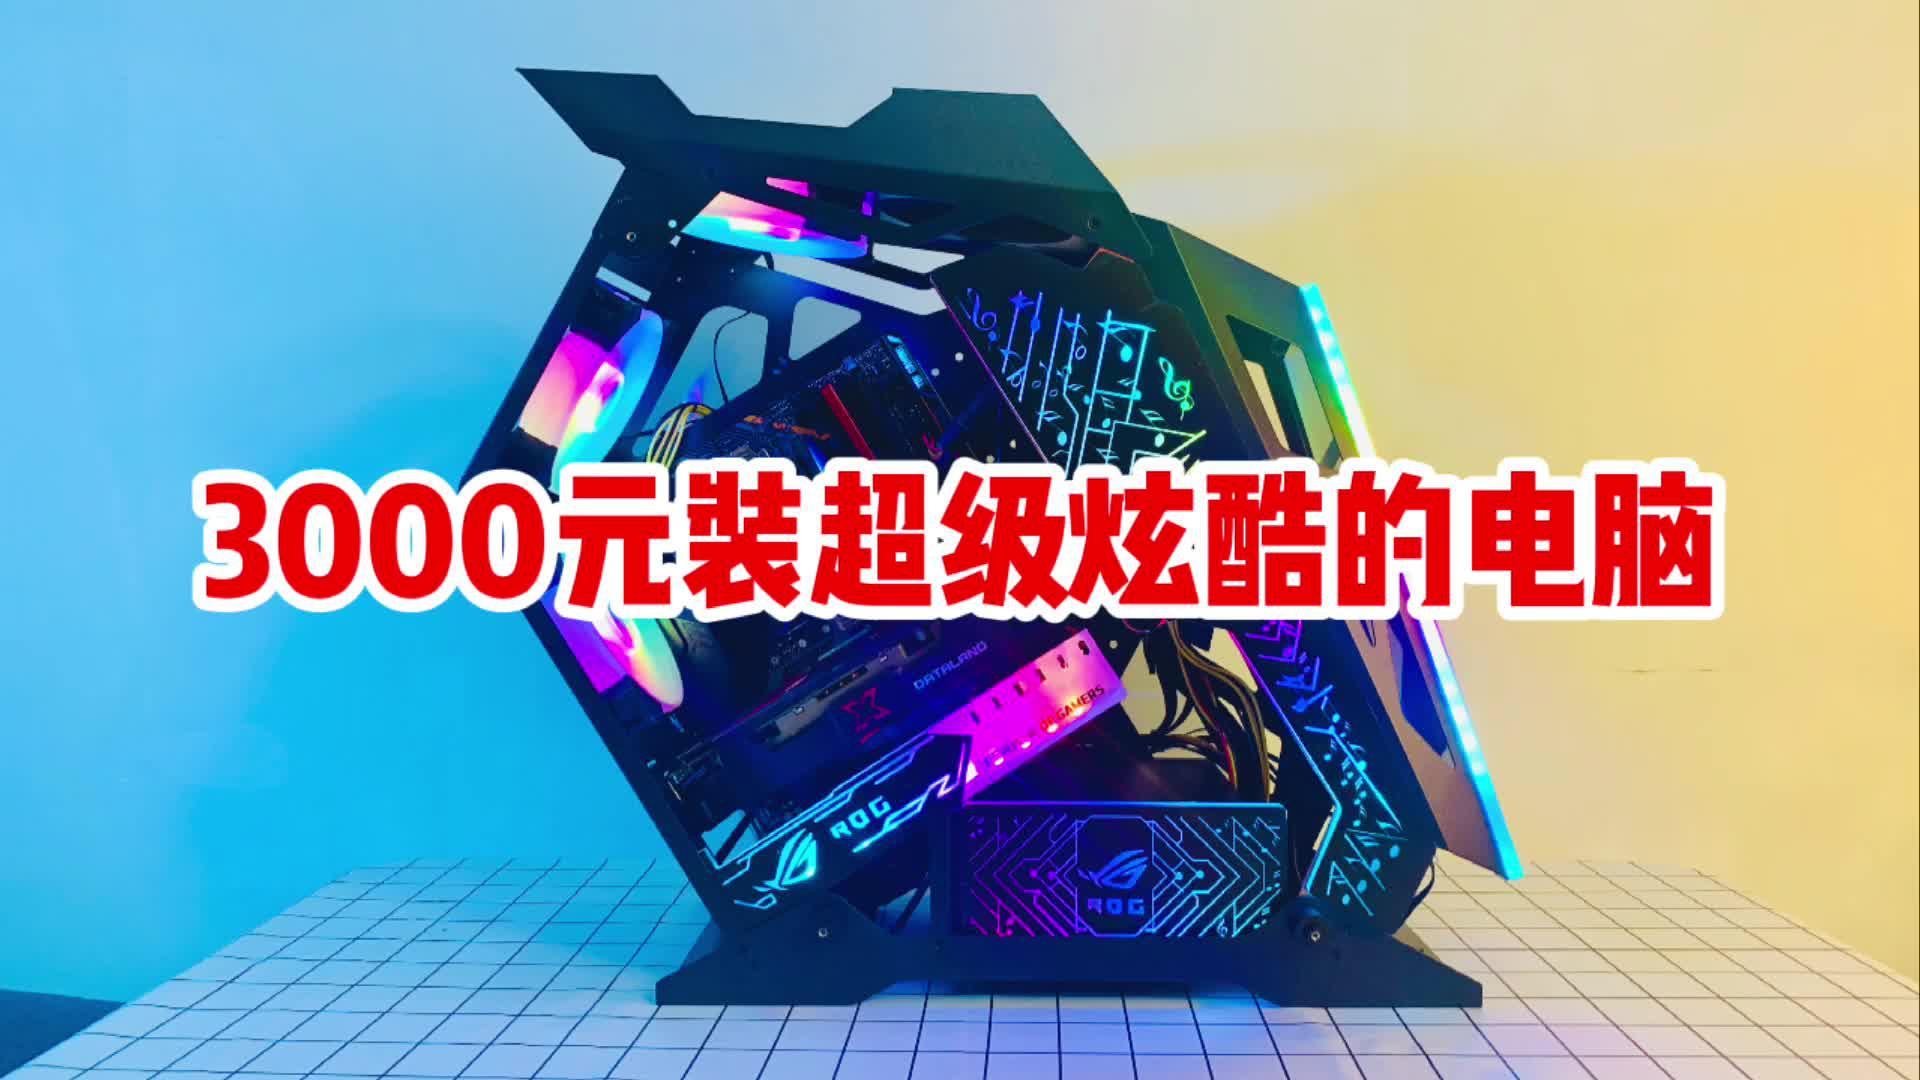 3000元组装超级炫酷的电脑,异形机箱,游戏性能!